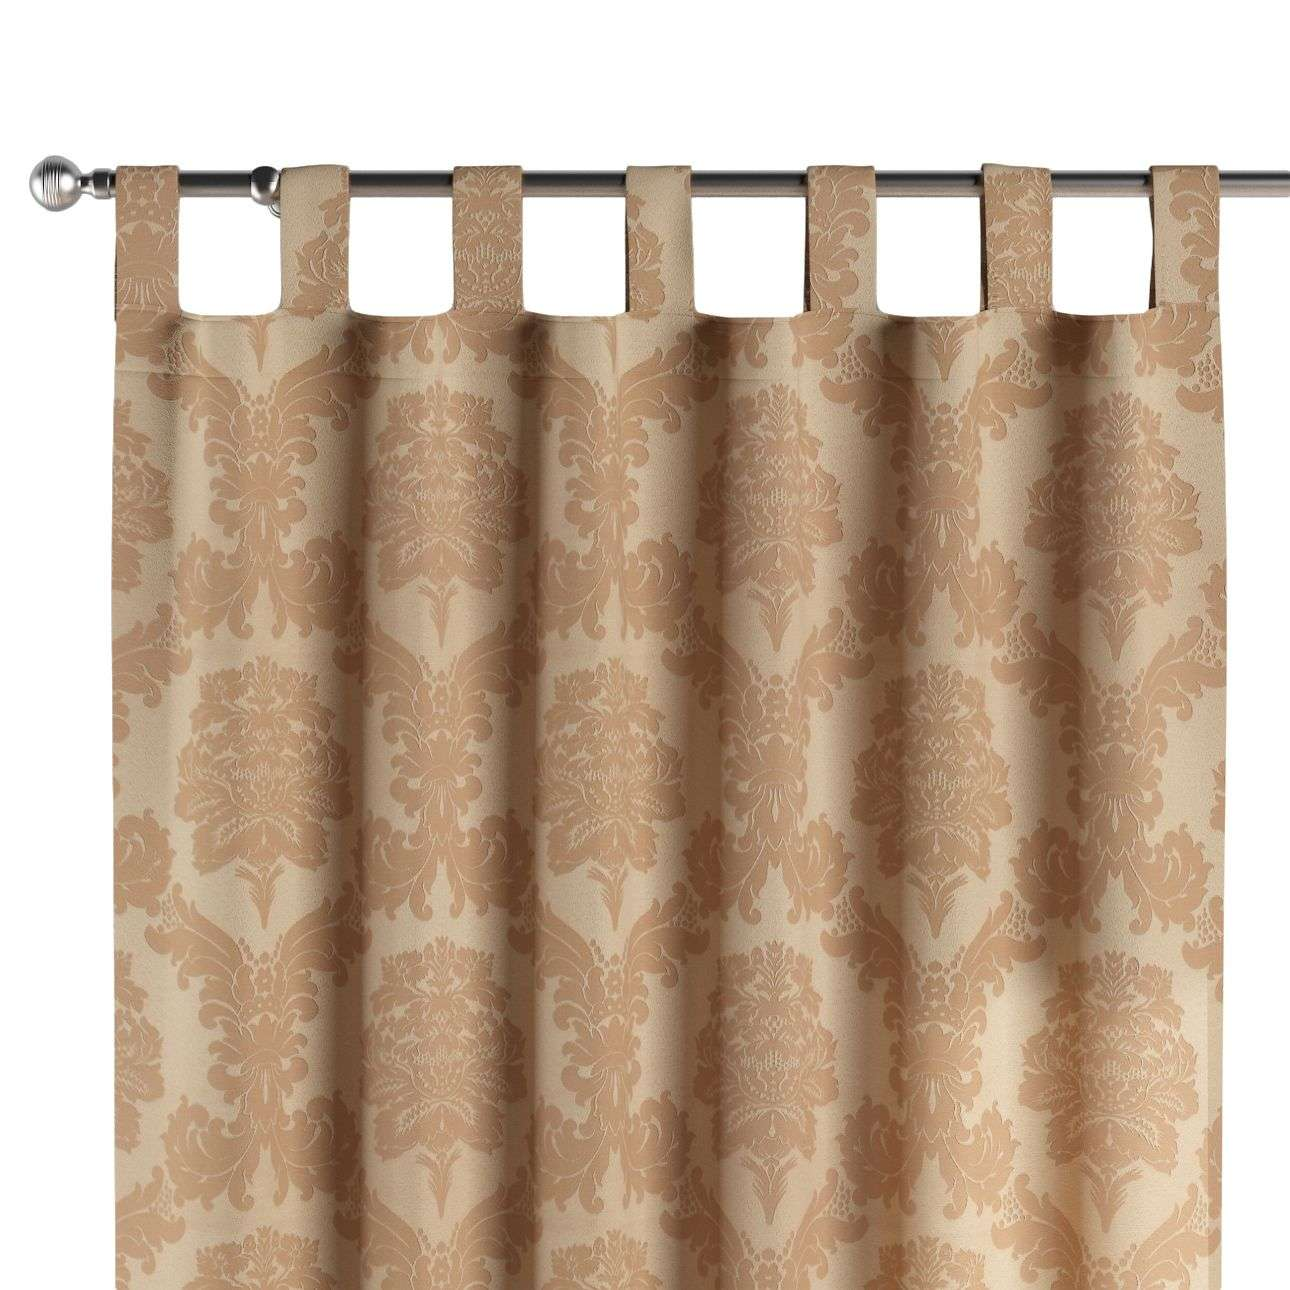 Zasłona na szelkach 1 szt. 1szt 130x260 cm w kolekcji Damasco, tkanina: 613-04